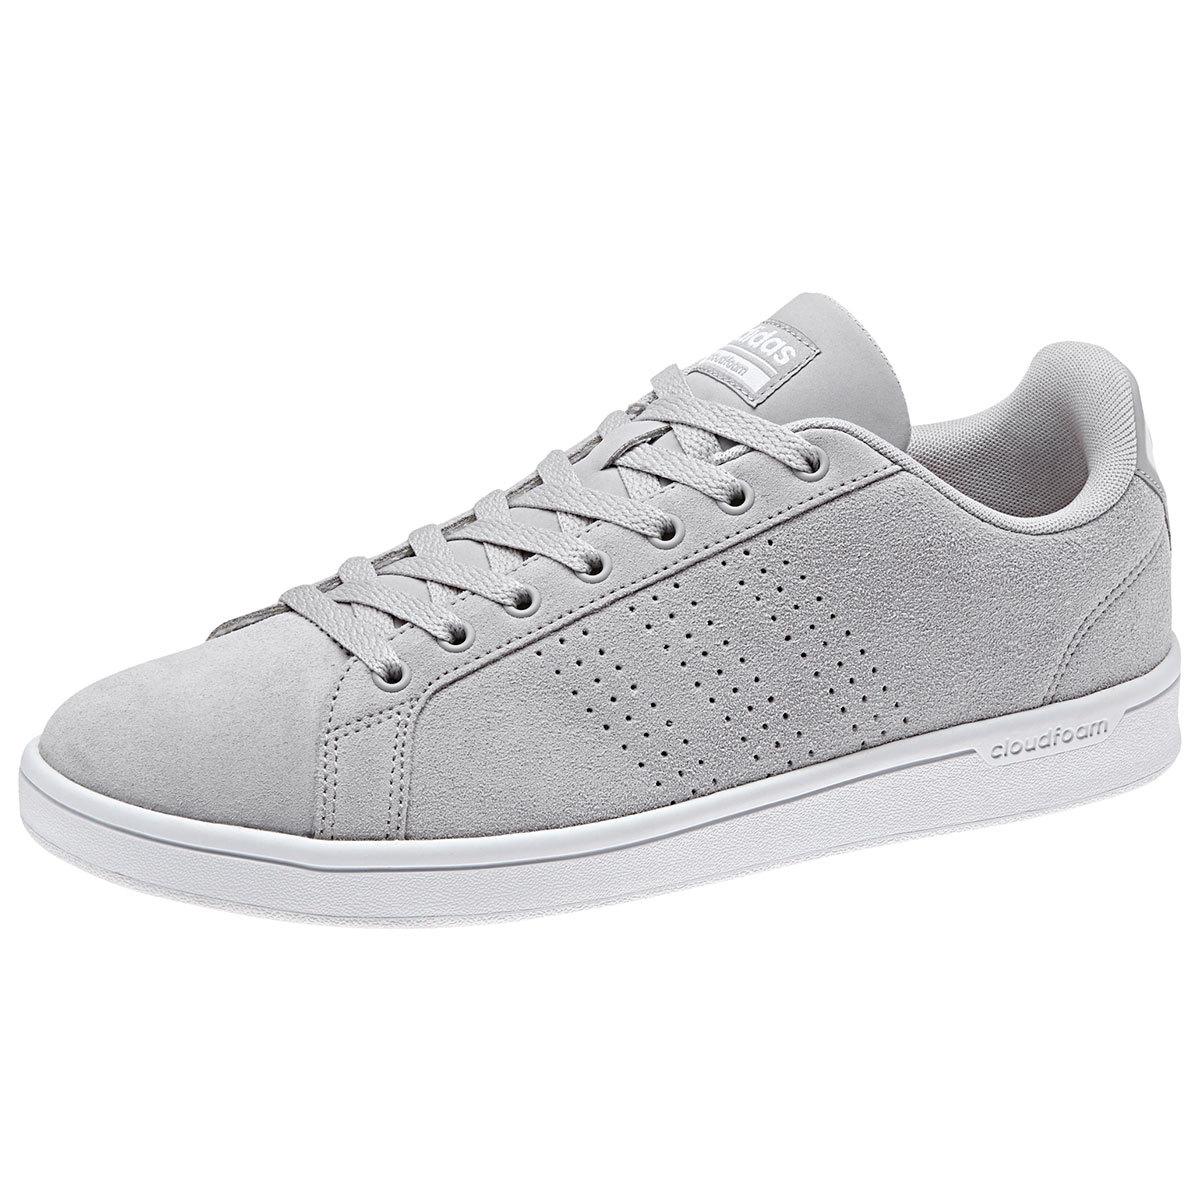 ADIDAS Men's Cloudfoam Advantage Clean Skate Shoes, Clean Grey/Grey Two/White